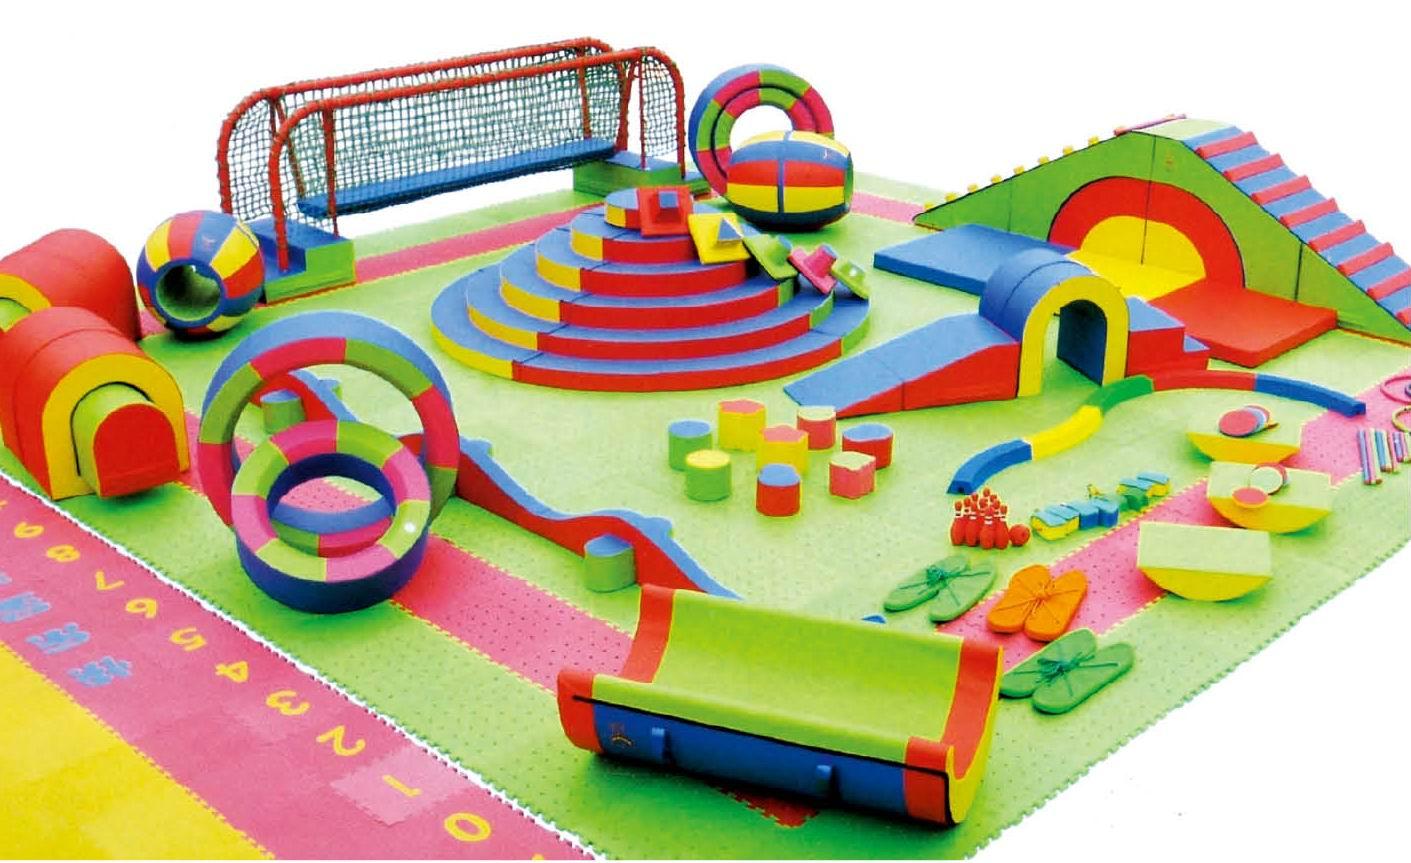 Pr escolar mobili rio e brinquedos o jardim de inf ncia - Juguetes infantiles para jardin ...